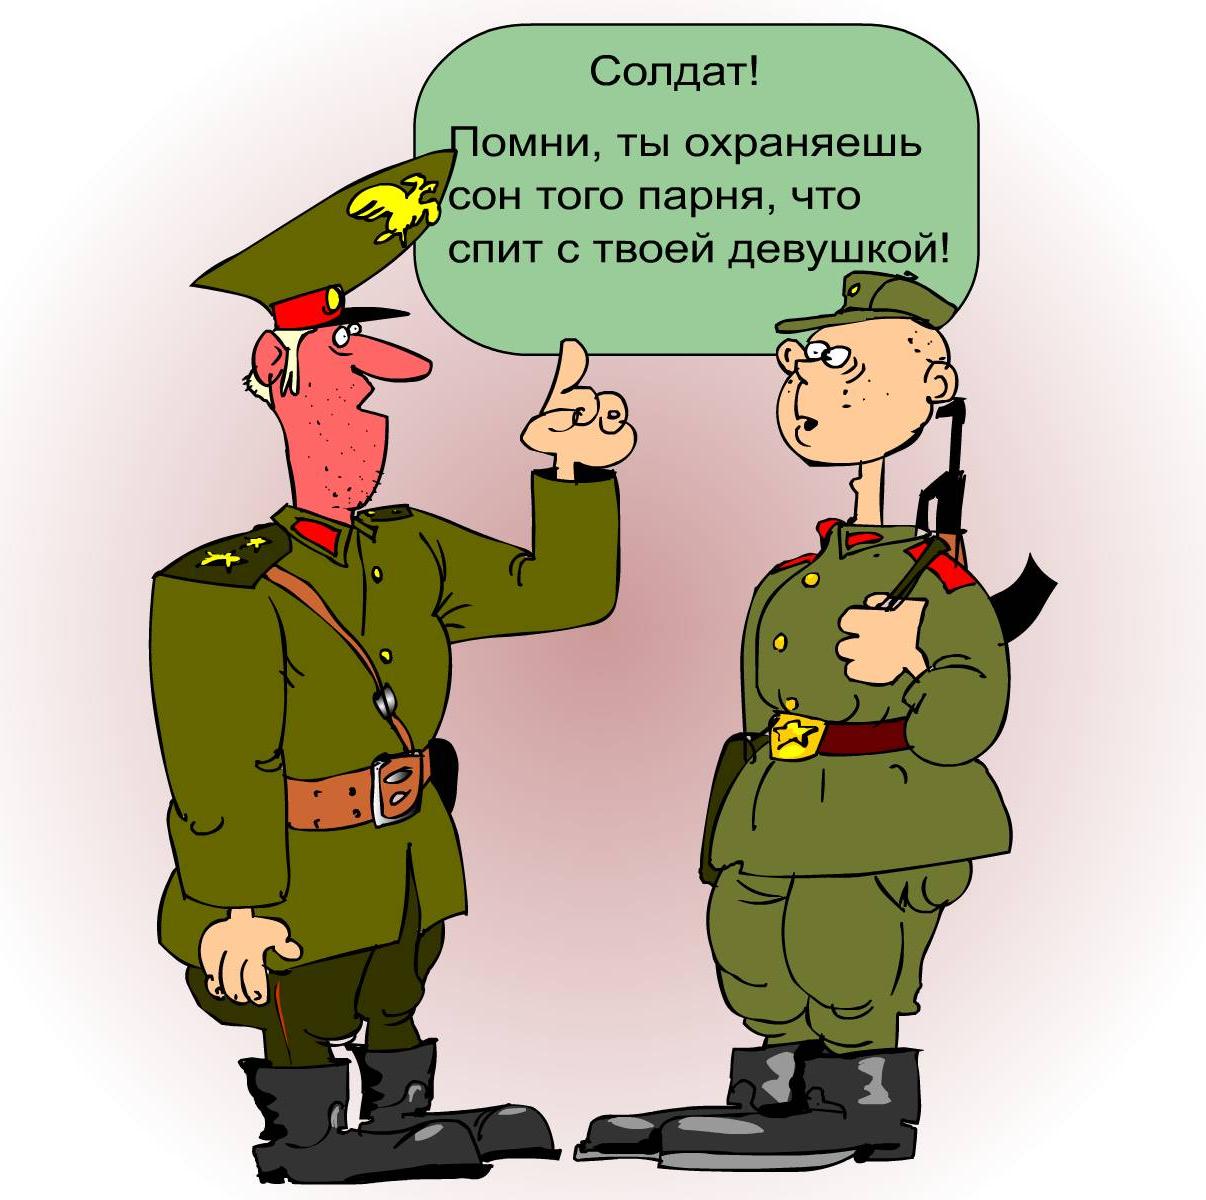 Армейские смешные картинки про дембель